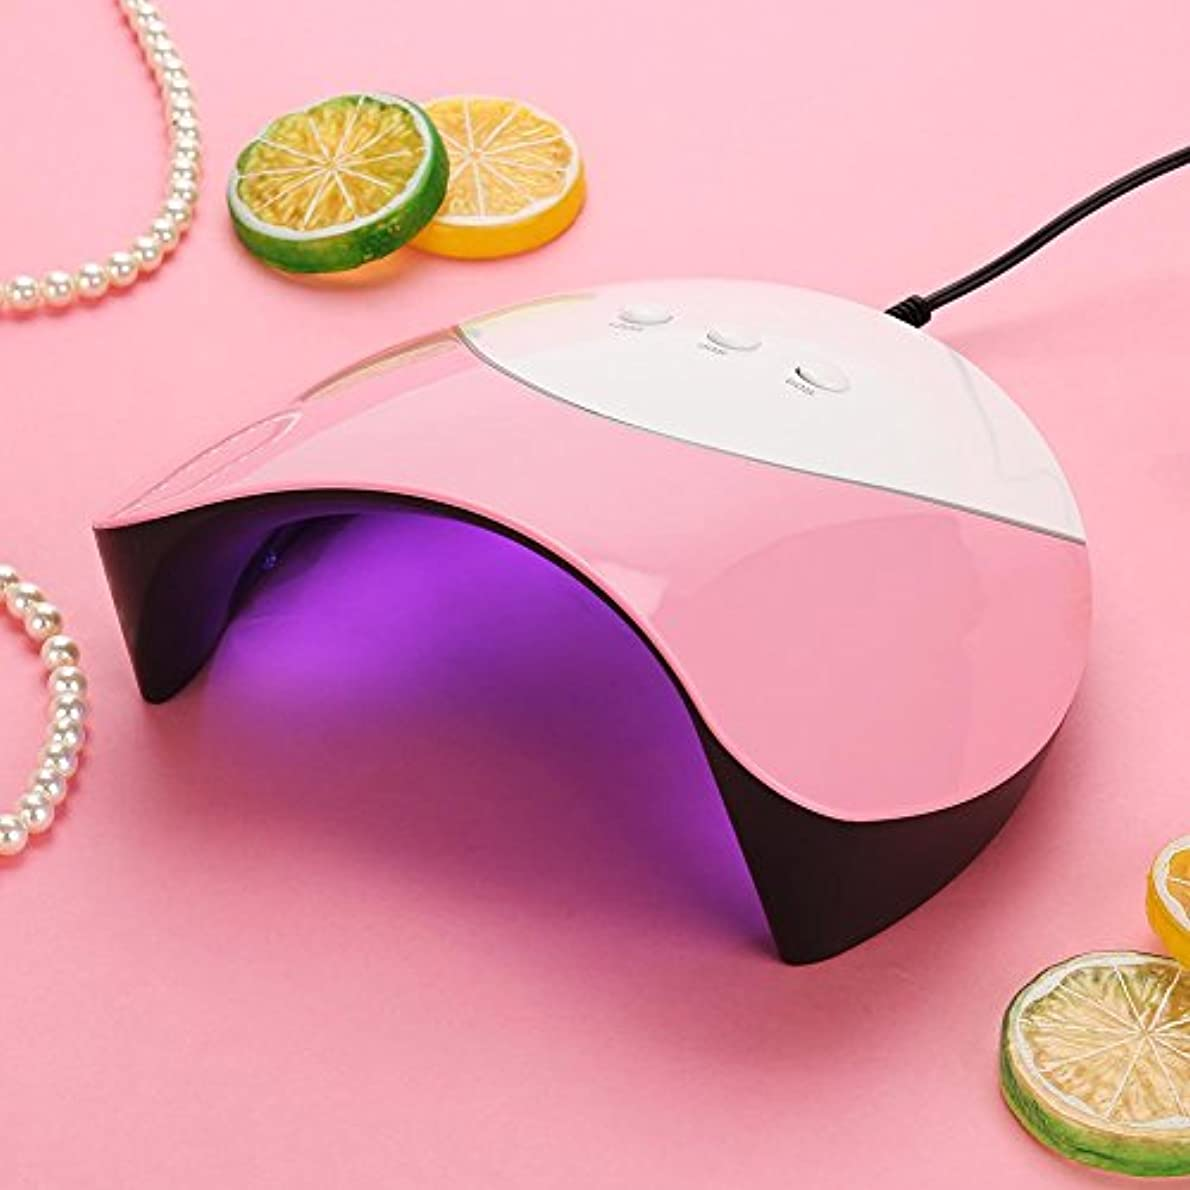 メンター乞食啓示ネイルドライヤー 36W UV&LEDライト 硬化 ジェルネイル ネイルアート 3つのタイマー 赤外線検知 自動センサー(ピンク)